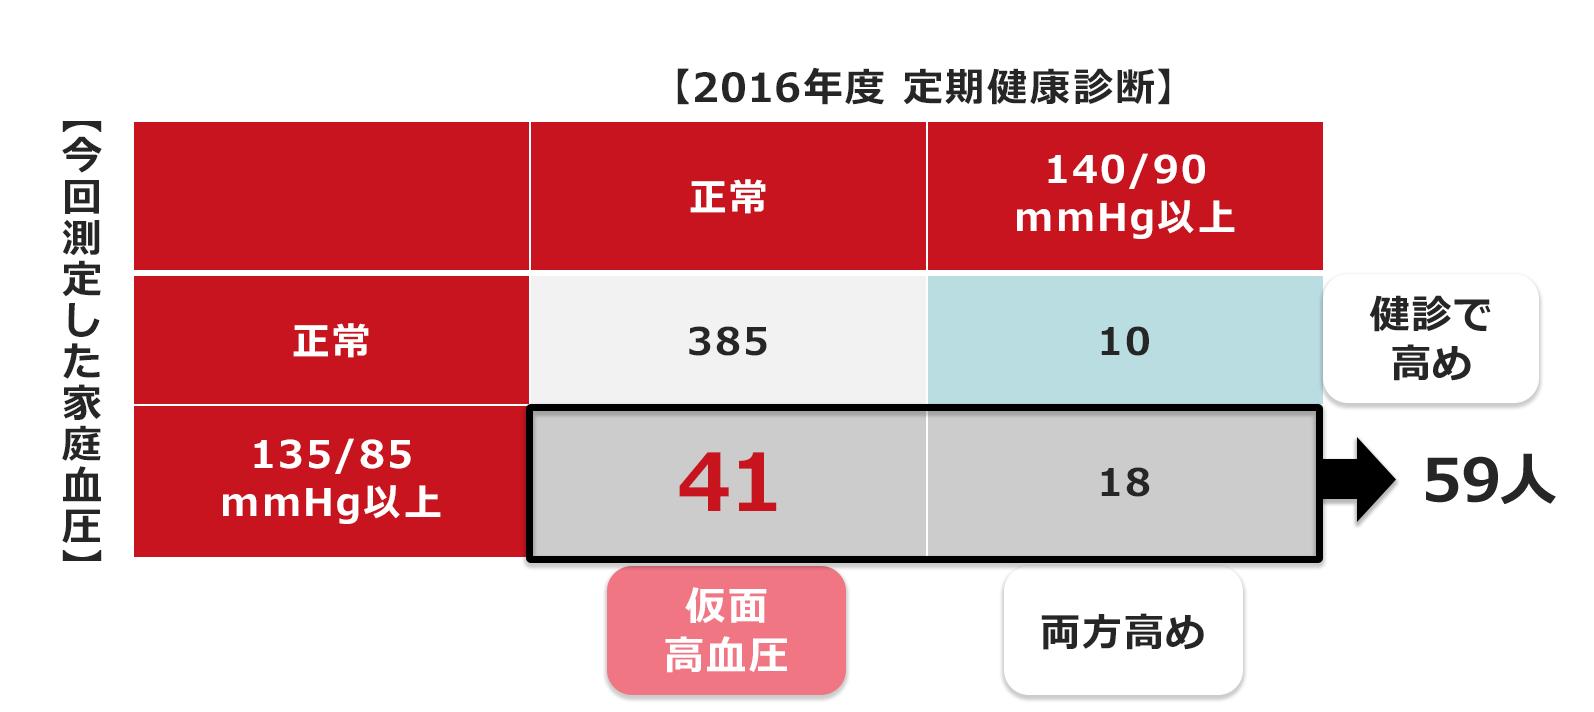 正常 50 代 値 血圧